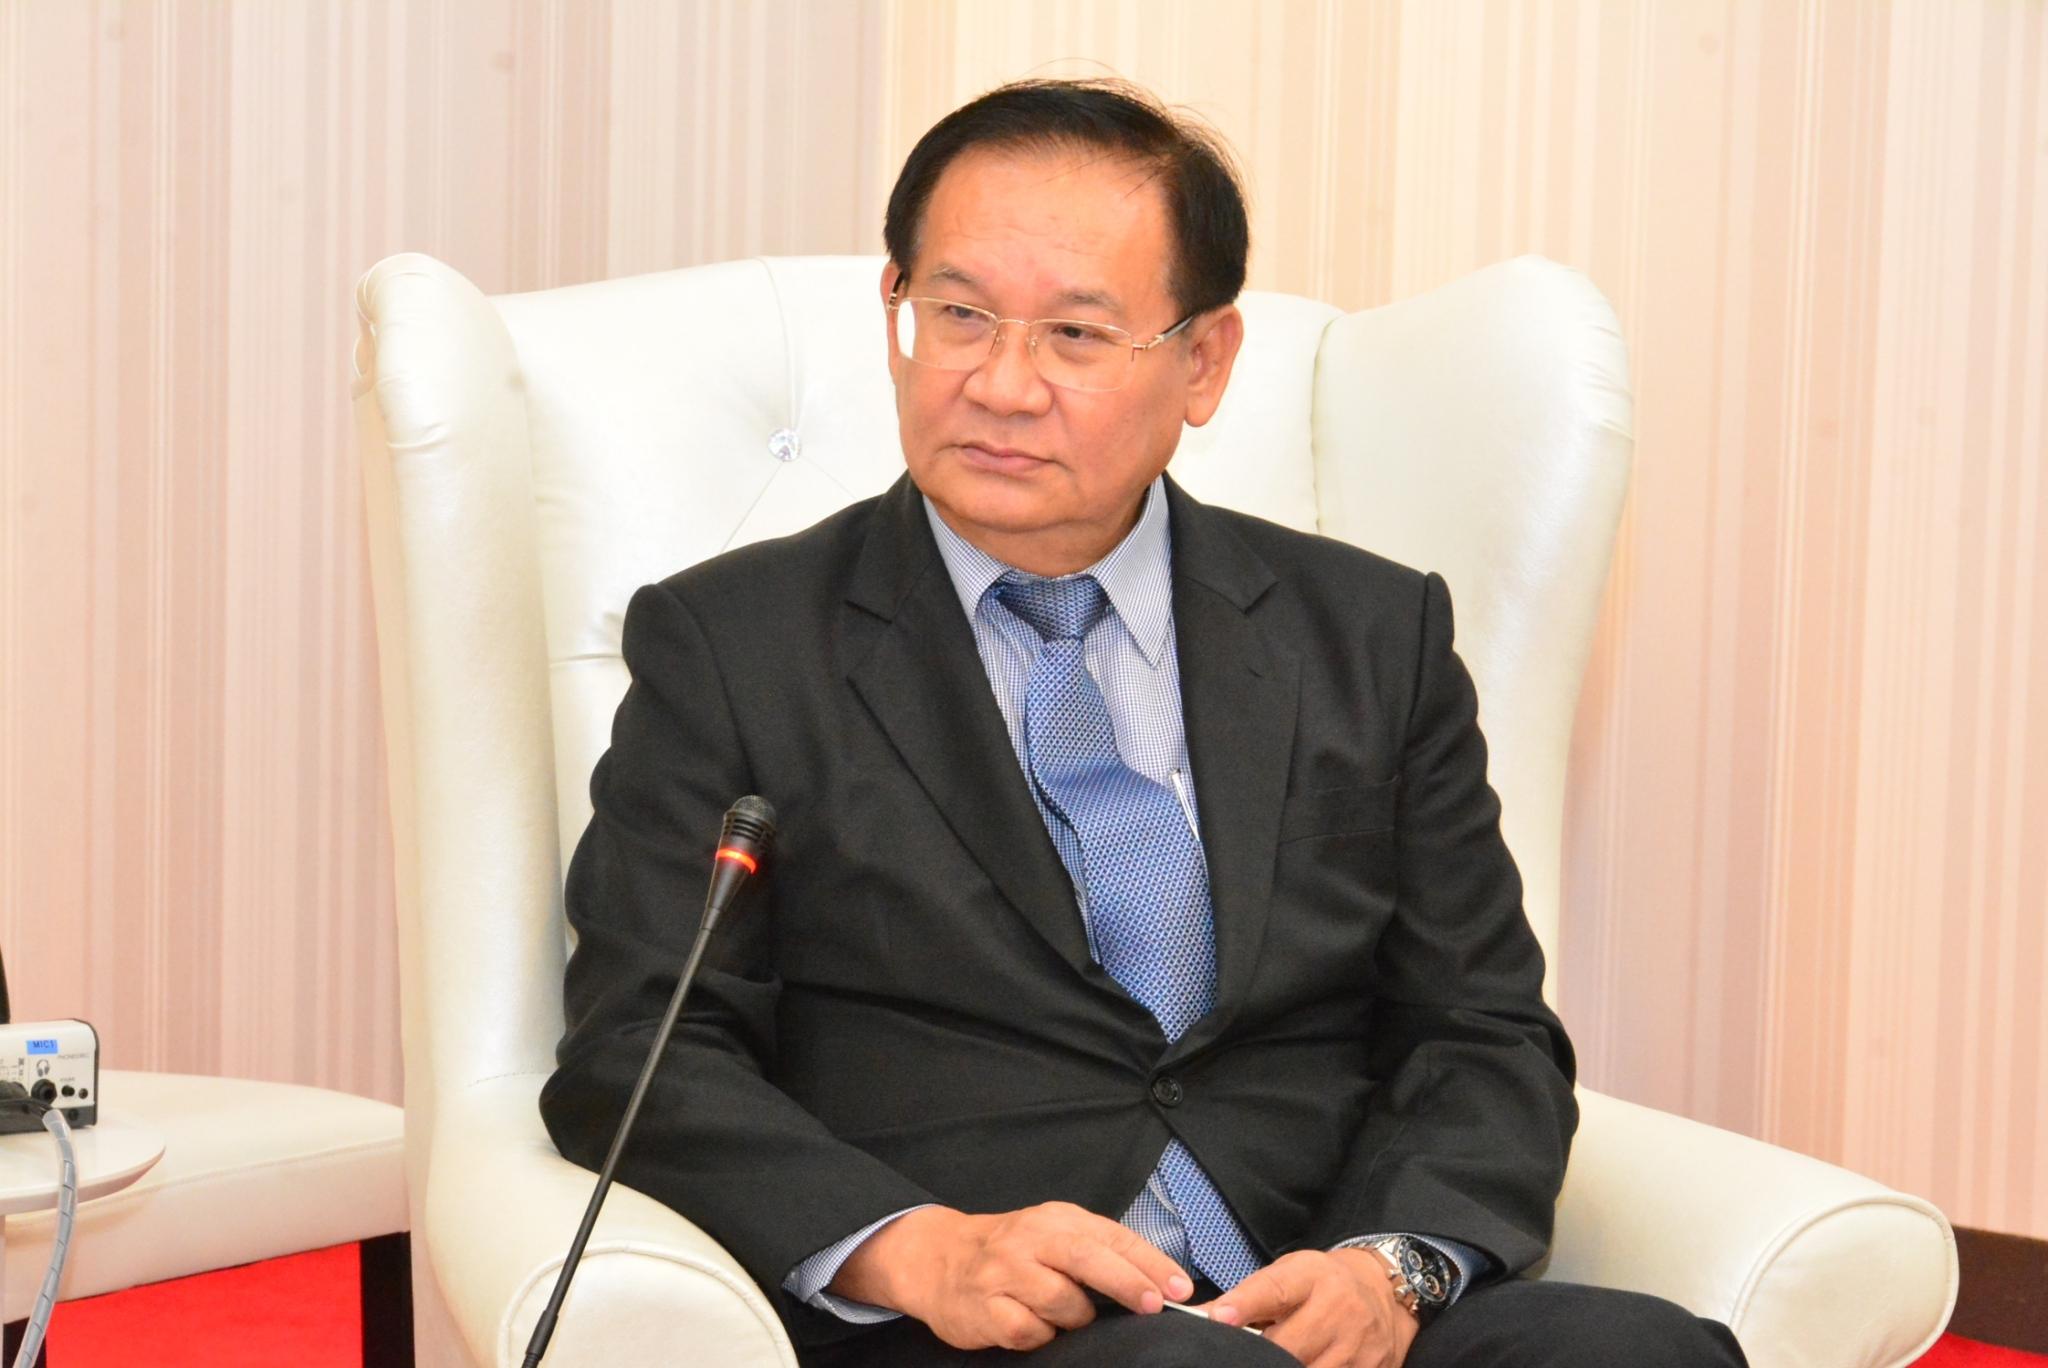 นายชินคิชิ อิโตะ ประธานสภาหอการค้าและอุตสาหกรรมเมืองโมริเยี่ยมคารวะอธิบดีกรมการจัดหางาน